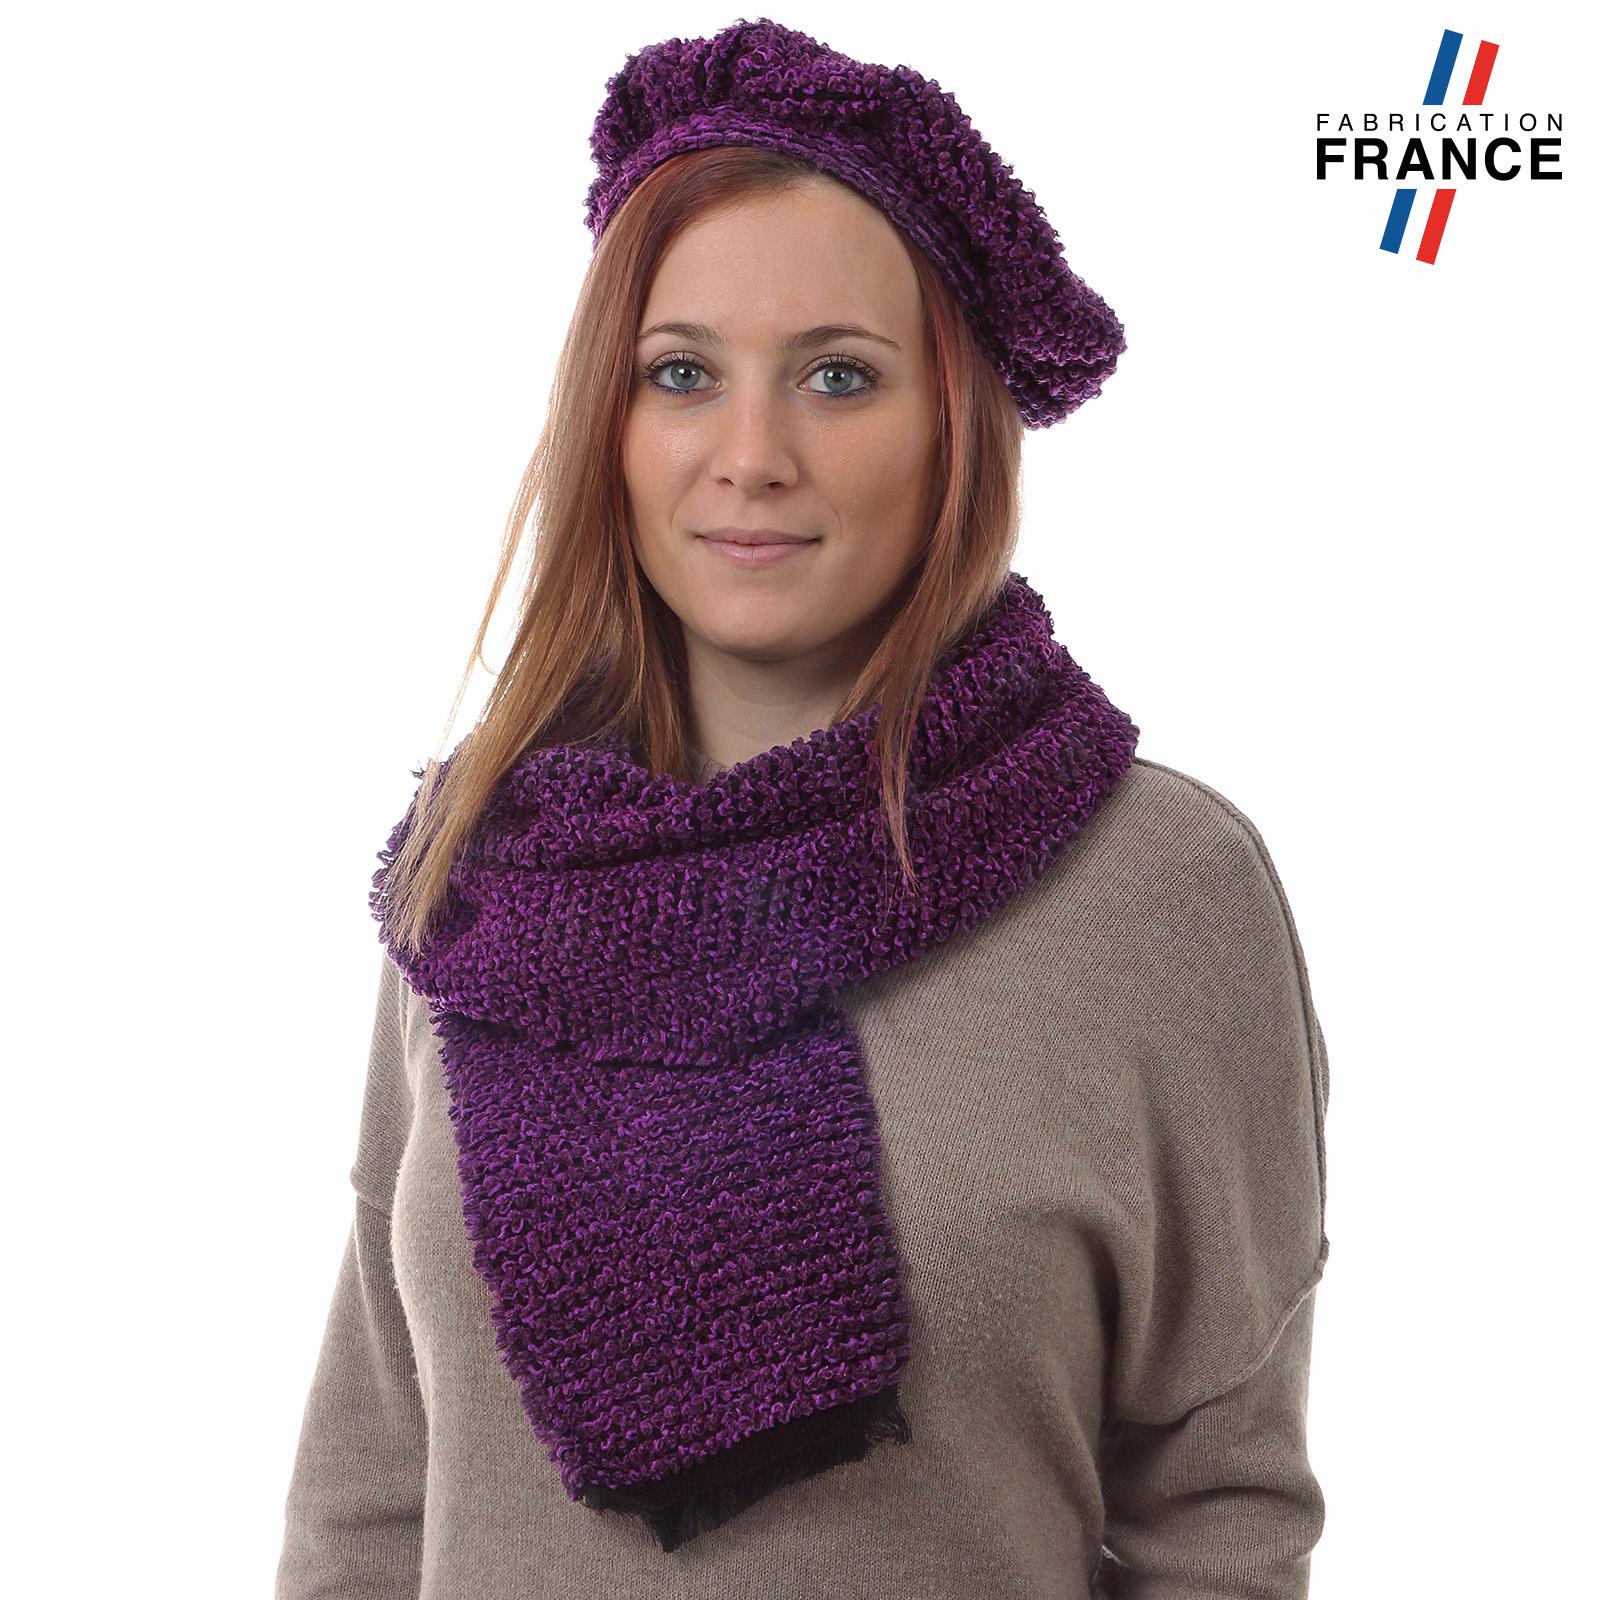 AT-03504-V16-echarpe-beret-violet-fabrication-francaise